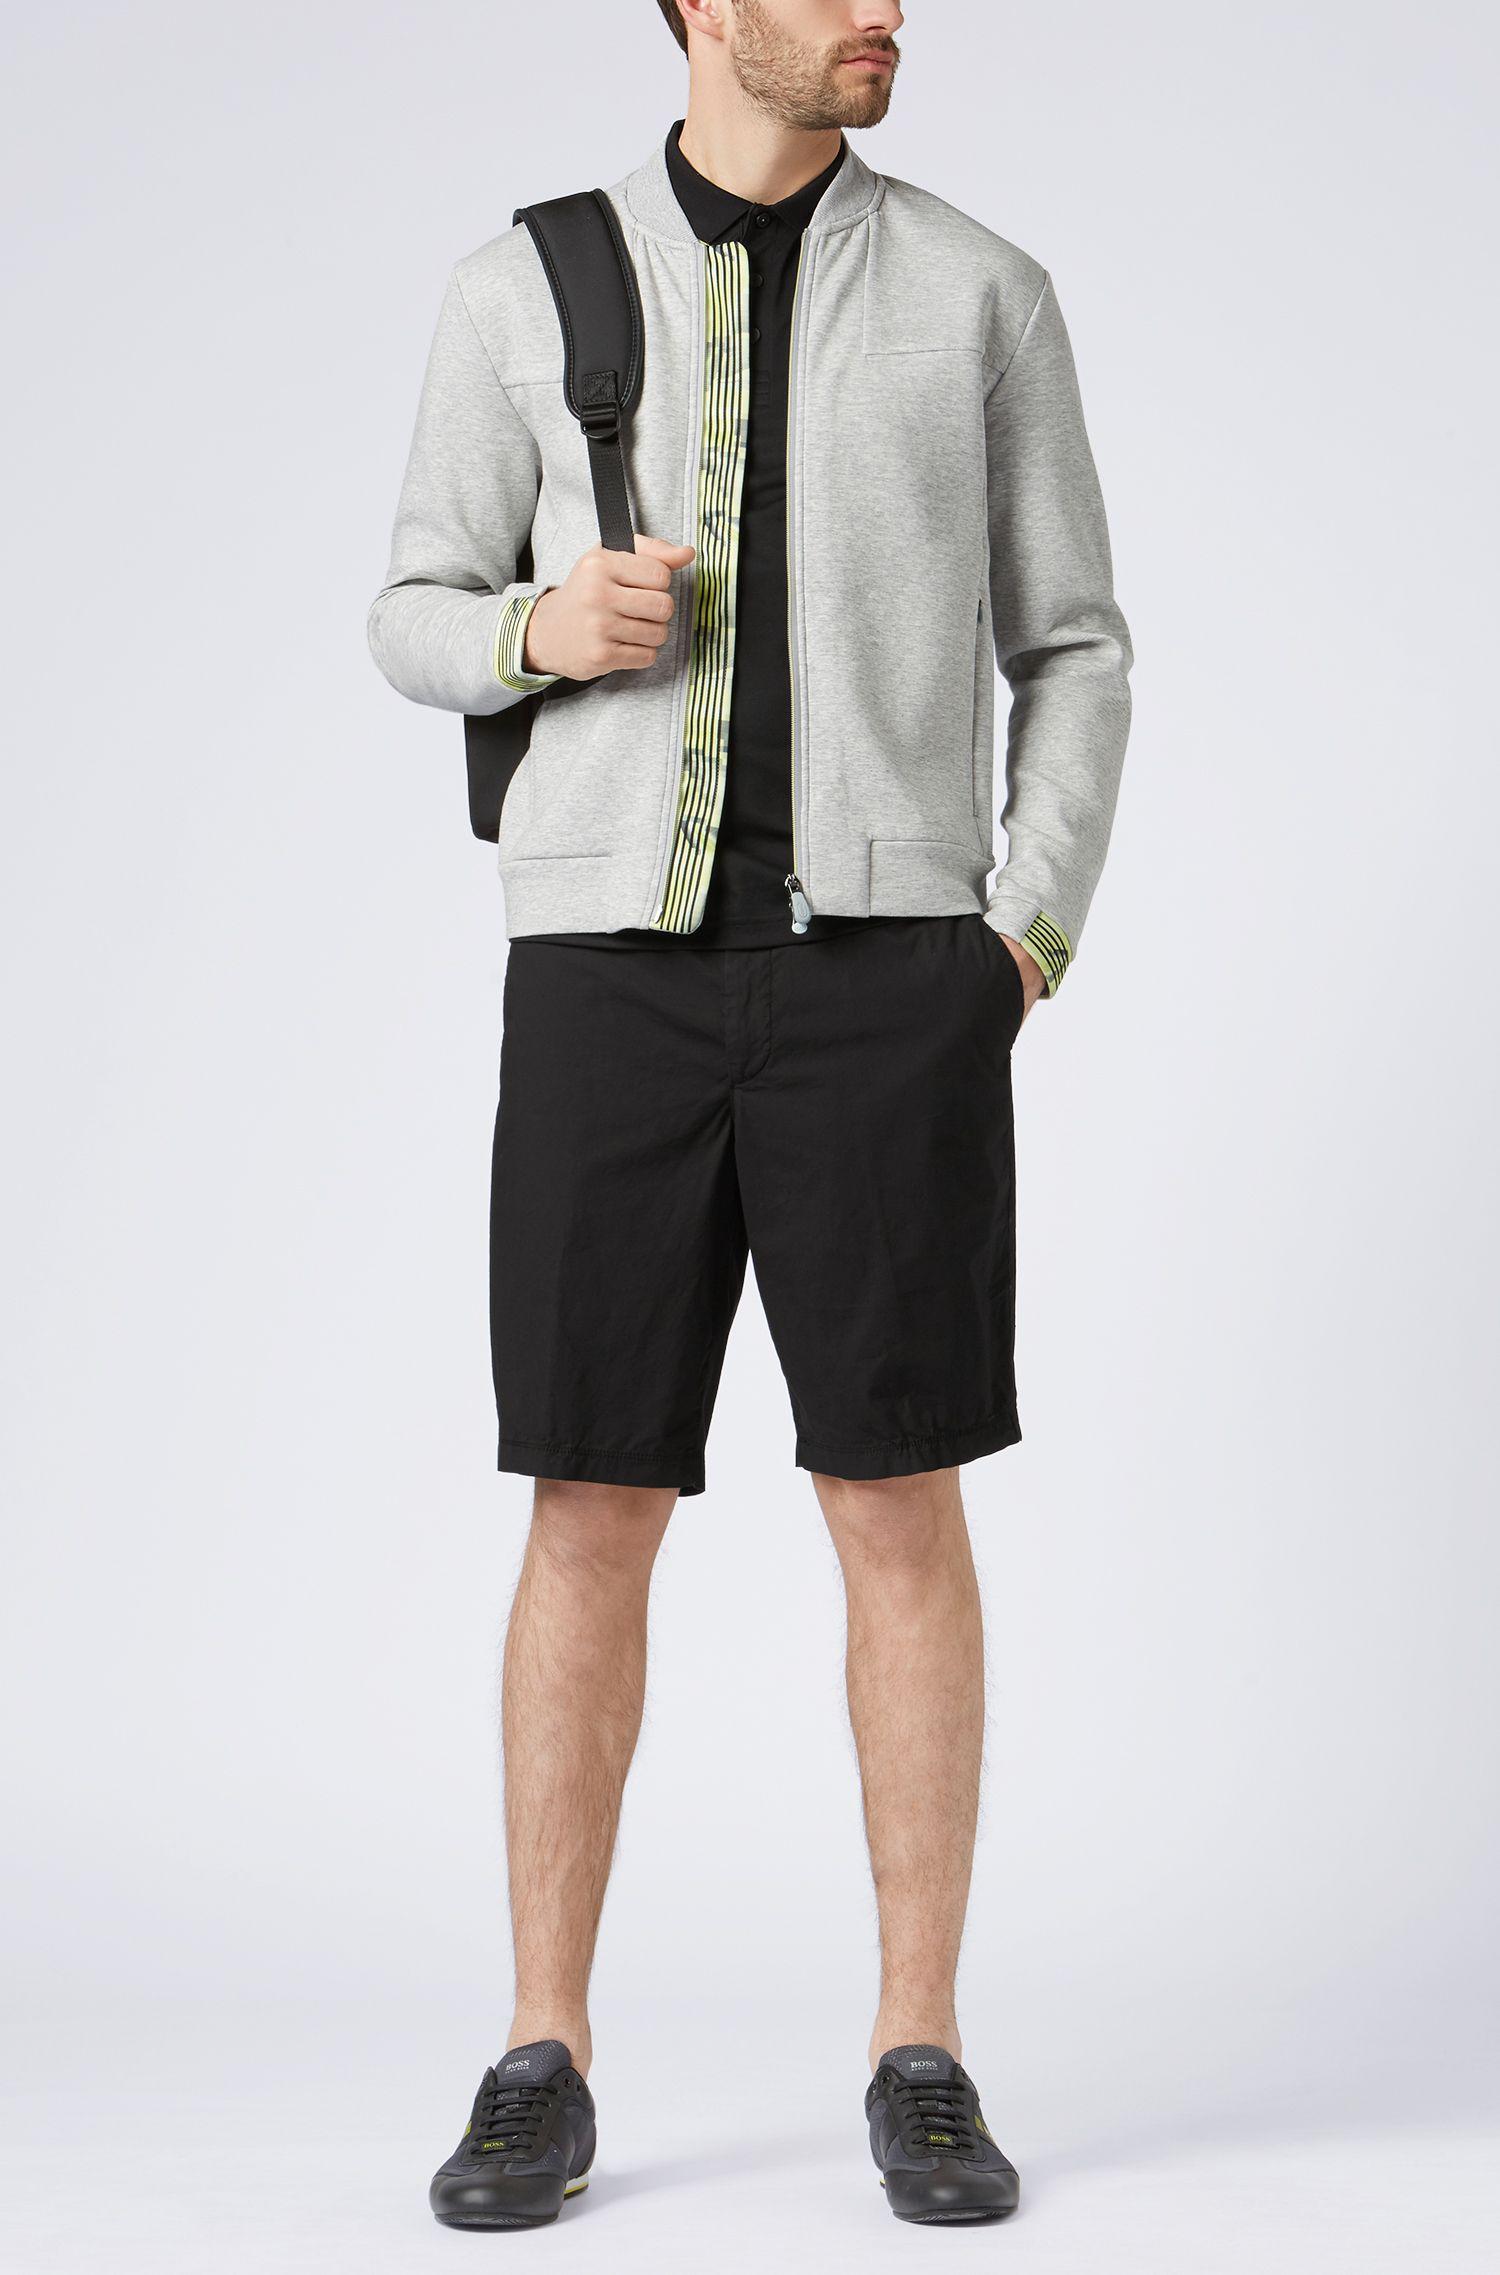 Pantaloncini regular fit in leggero cotone elasticizzato